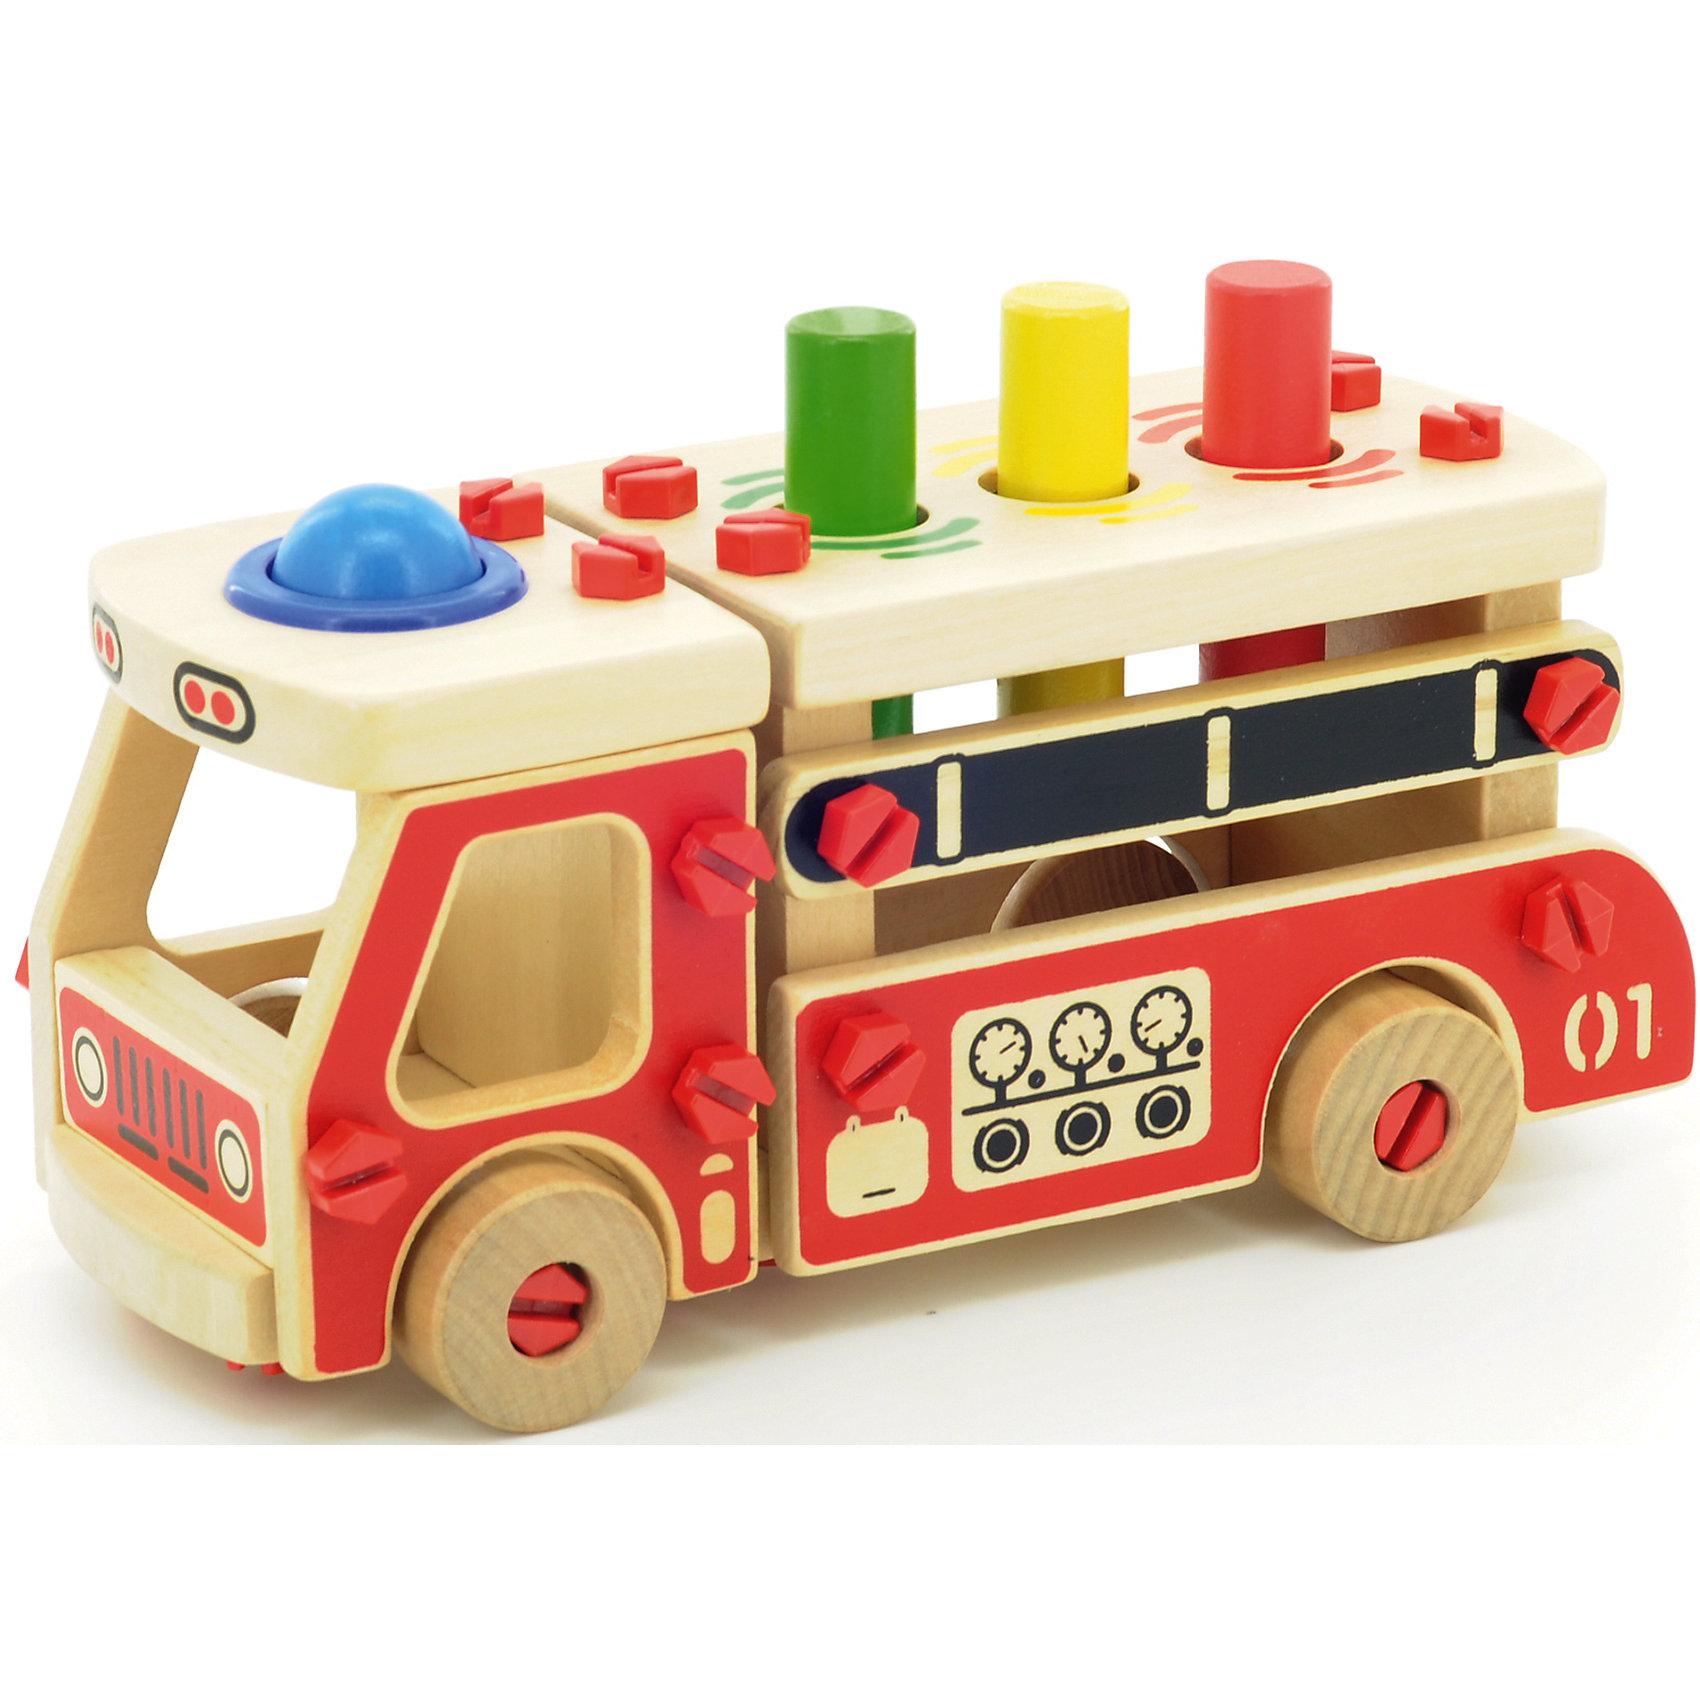 Конструктор Машина, МДИКонструкторы для малышей<br>Характеристики товара:<br><br>- цвет: разноцветный;<br>- материал: дерево;<br>- особенности: помогает развитию важных навыков;<br>- комплектация: детали машины;<br>- размер упаковки: 31х13х13 см;<br>- вес: 880 г.<br><br>Развивать навыки ребенка можно в любом возрасте! Эта обучающая игрушка поможет малышу в игровой форме научиться многому. Игрушка очень качественно выполнена, поэтому она станет отличным подарком ребенку. Она состоит из деталей, которые собираются в машину. Такое изделие отлично тренирует у ребенка разные навыки. Играя с ней, малыш осваивает счет, развивает мелкую моторику, цветовосприятие, внимание, воображение и творческое мышление.<br>Изделие произведено из высококачественного материала, безопасного для детей.<br><br>Конструктор Машина от бренда Мир деревянных игрушек можно купить в нашем интернет-магазине.<br><br>Ширина мм: 31<br>Глубина мм: 13<br>Высота мм: 13<br>Вес г: 883<br>Возраст от месяцев: 36<br>Возраст до месяцев: 2147483647<br>Пол: Унисекс<br>Возраст: Детский<br>SKU: 5048948